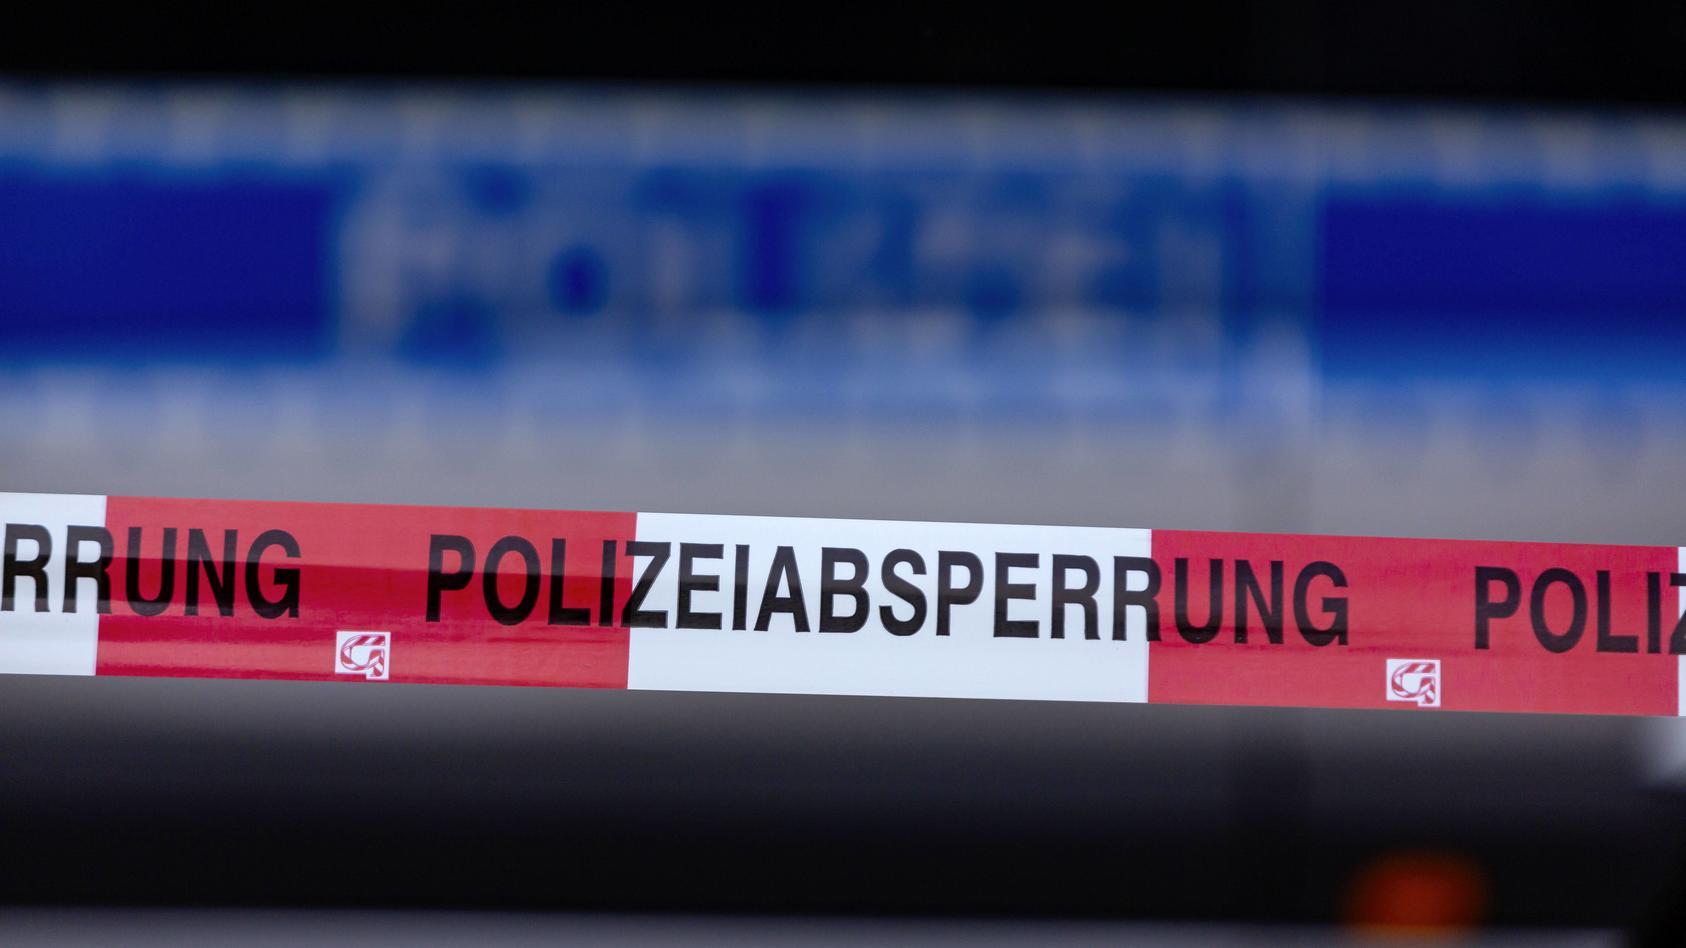 Nach einem mutmaßlichen Tötungsdelikt in einem Skatepark in Homburg (Saarland) ist ein 30-Jähriger festgenommen worden (Symbolbild).